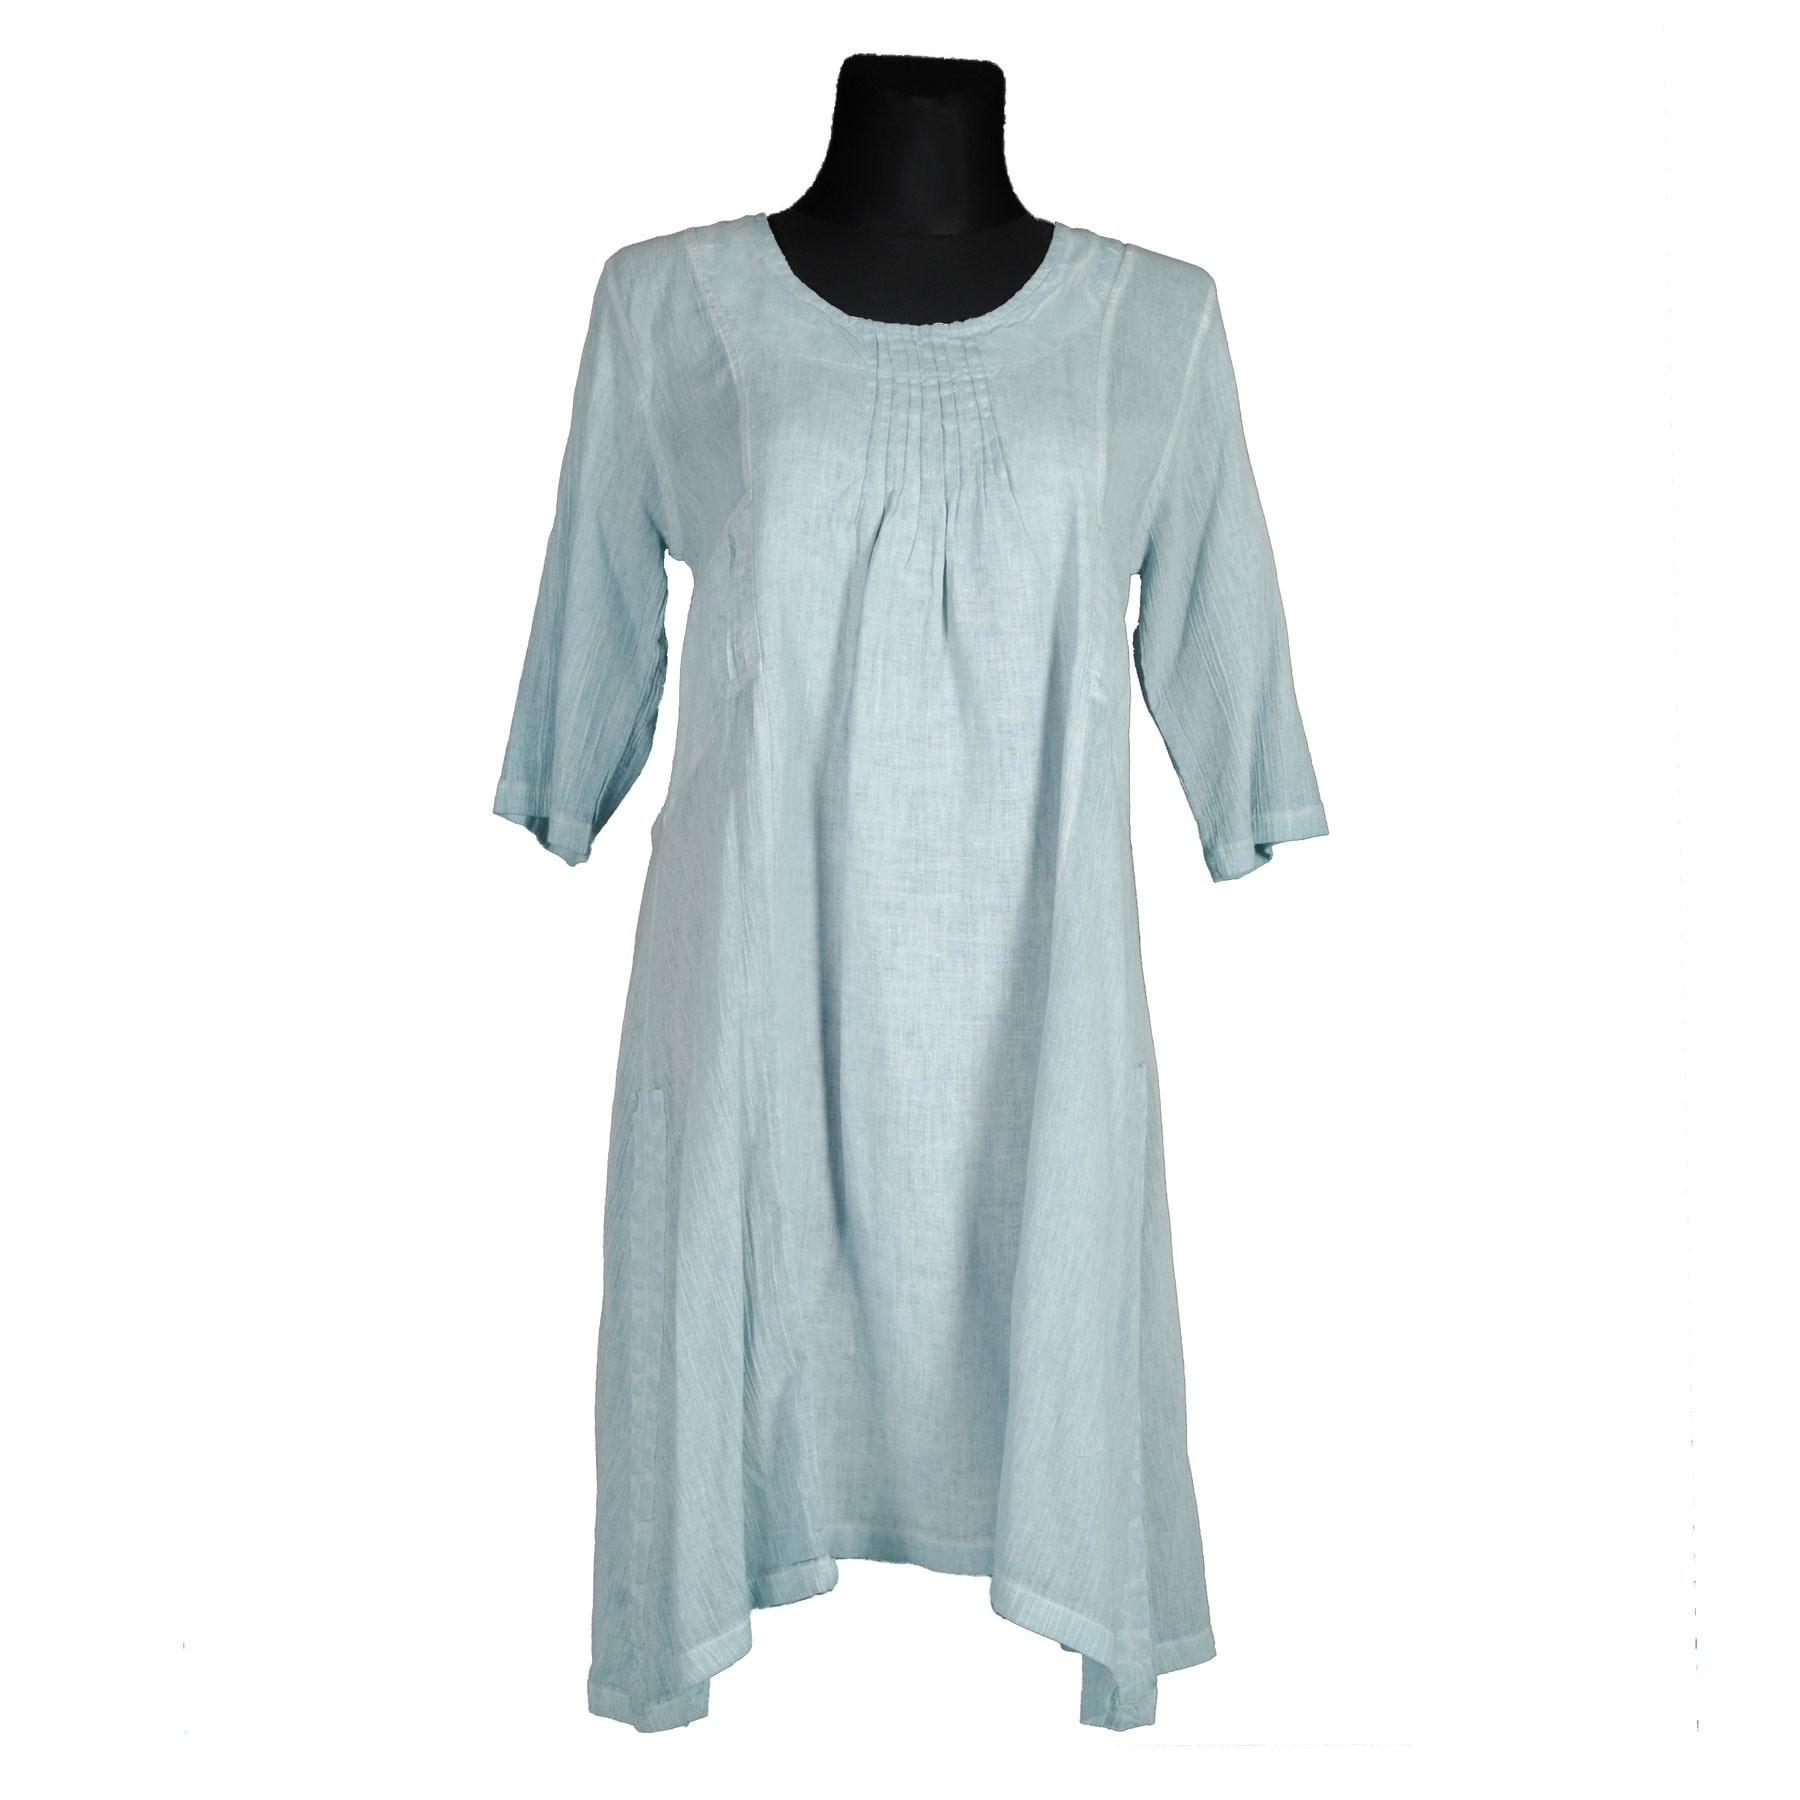 20 Einfach Kleid Gr 42 ÄrmelDesigner Ausgezeichnet Kleid Gr 42 Galerie